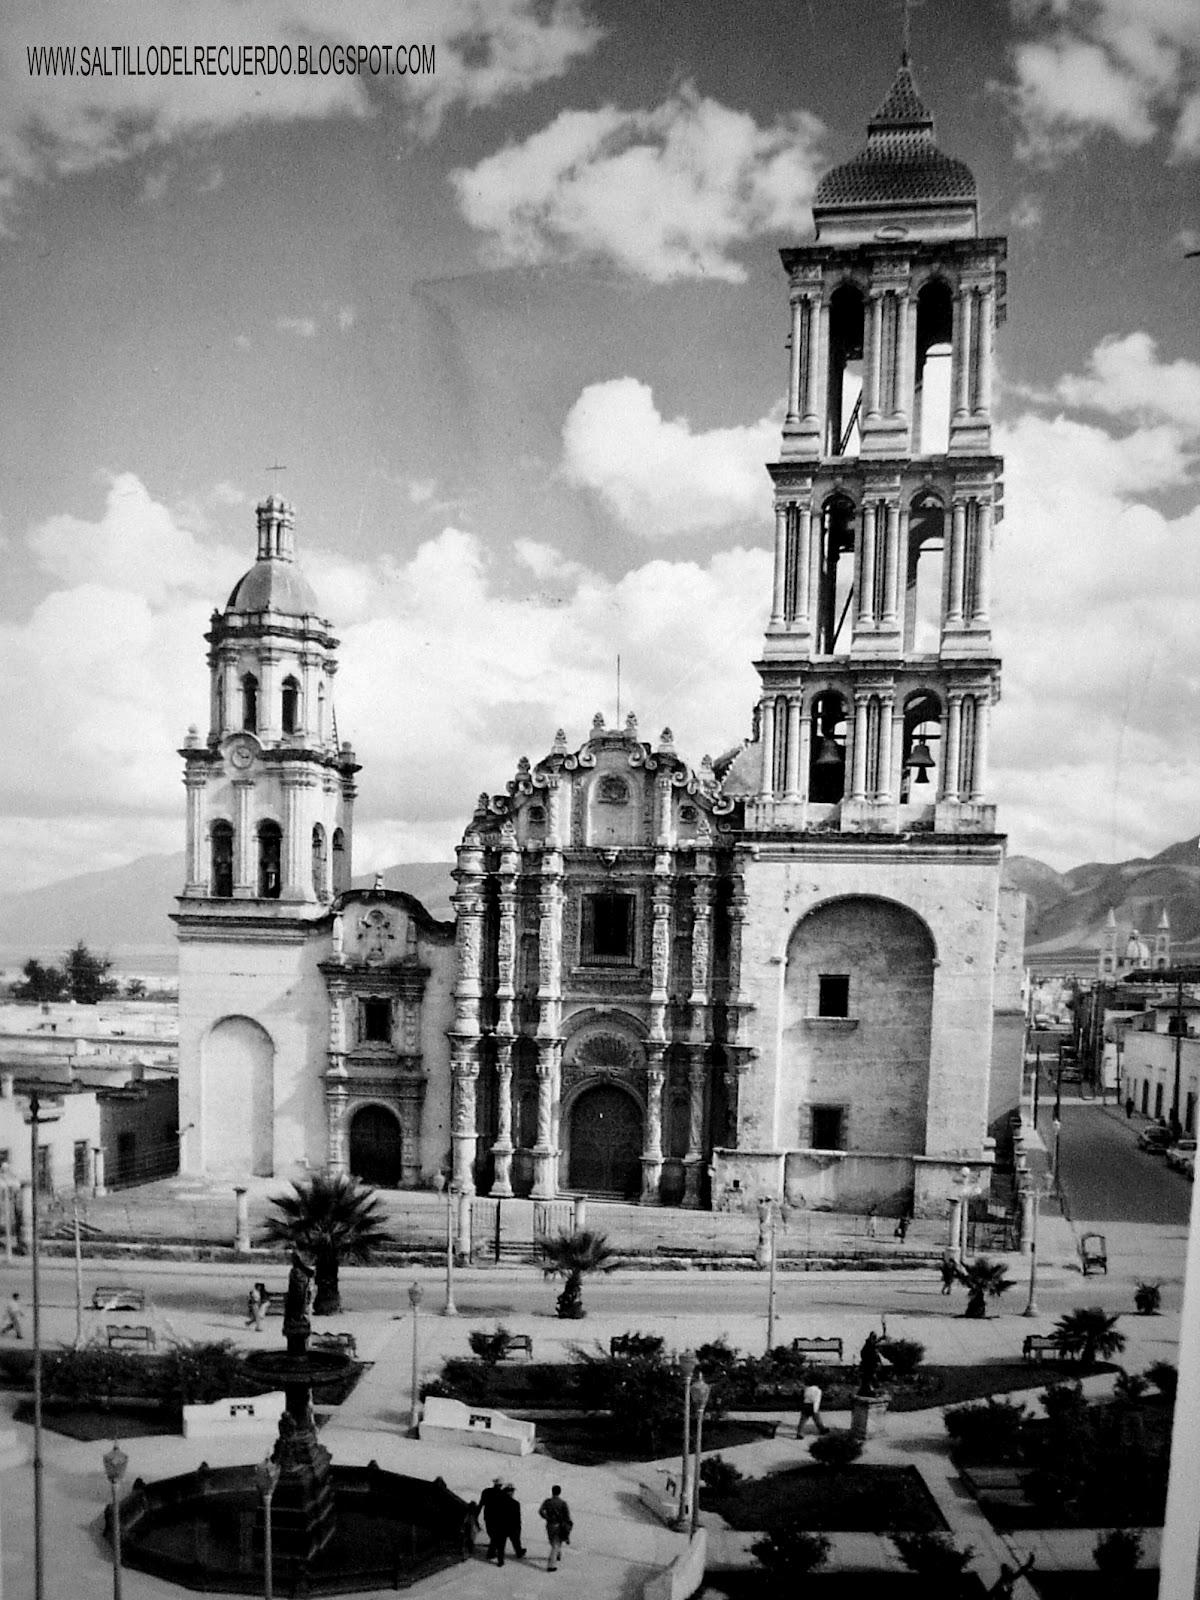 Saltillo del recuerdo la catedral de santiago for Ciudad santiago villas